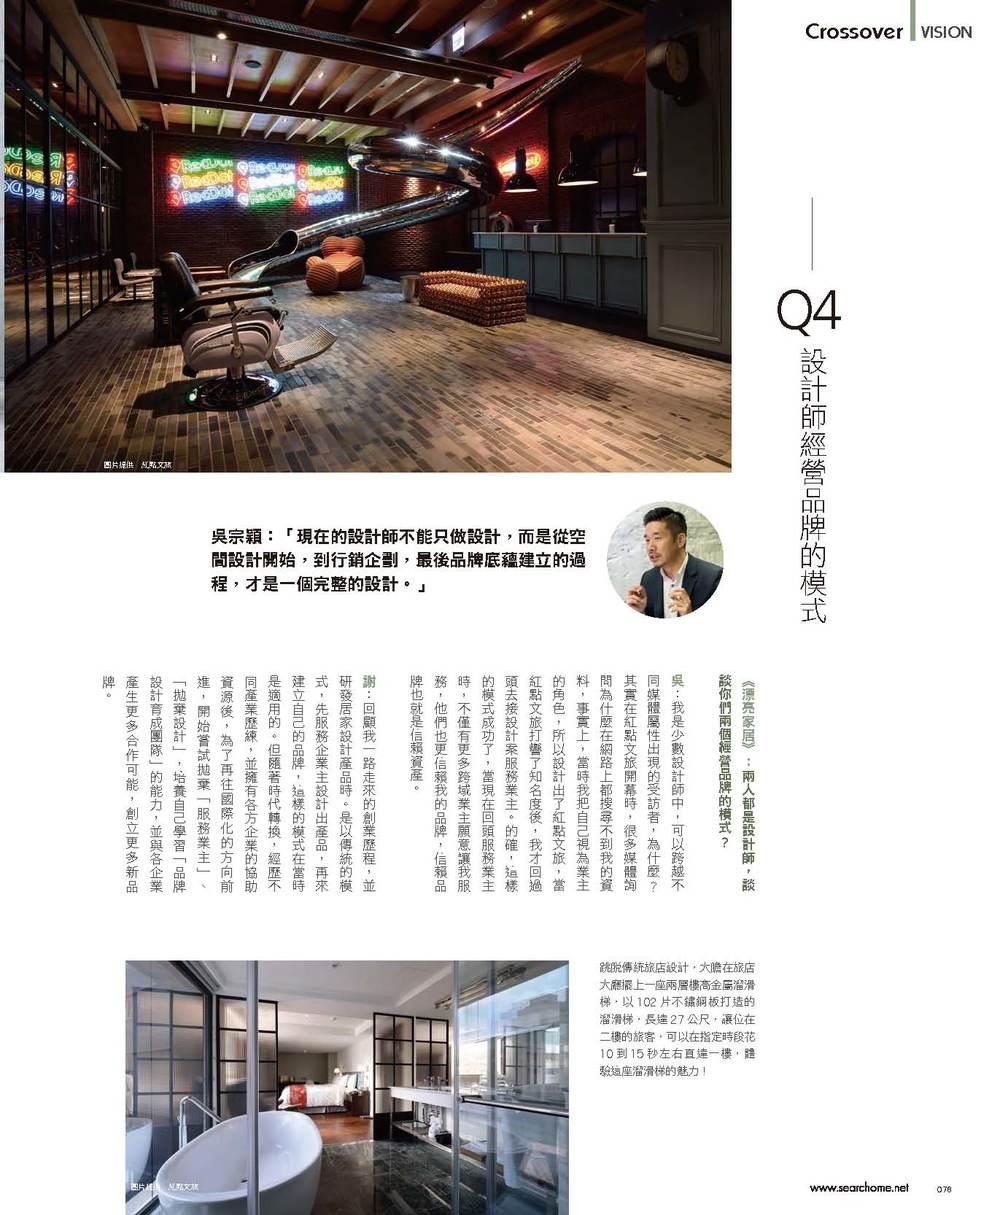 2015年08月_跨界對談 - 設計品牌形成與跨域整合之路 _漂亮家居_頁面_5.jpg